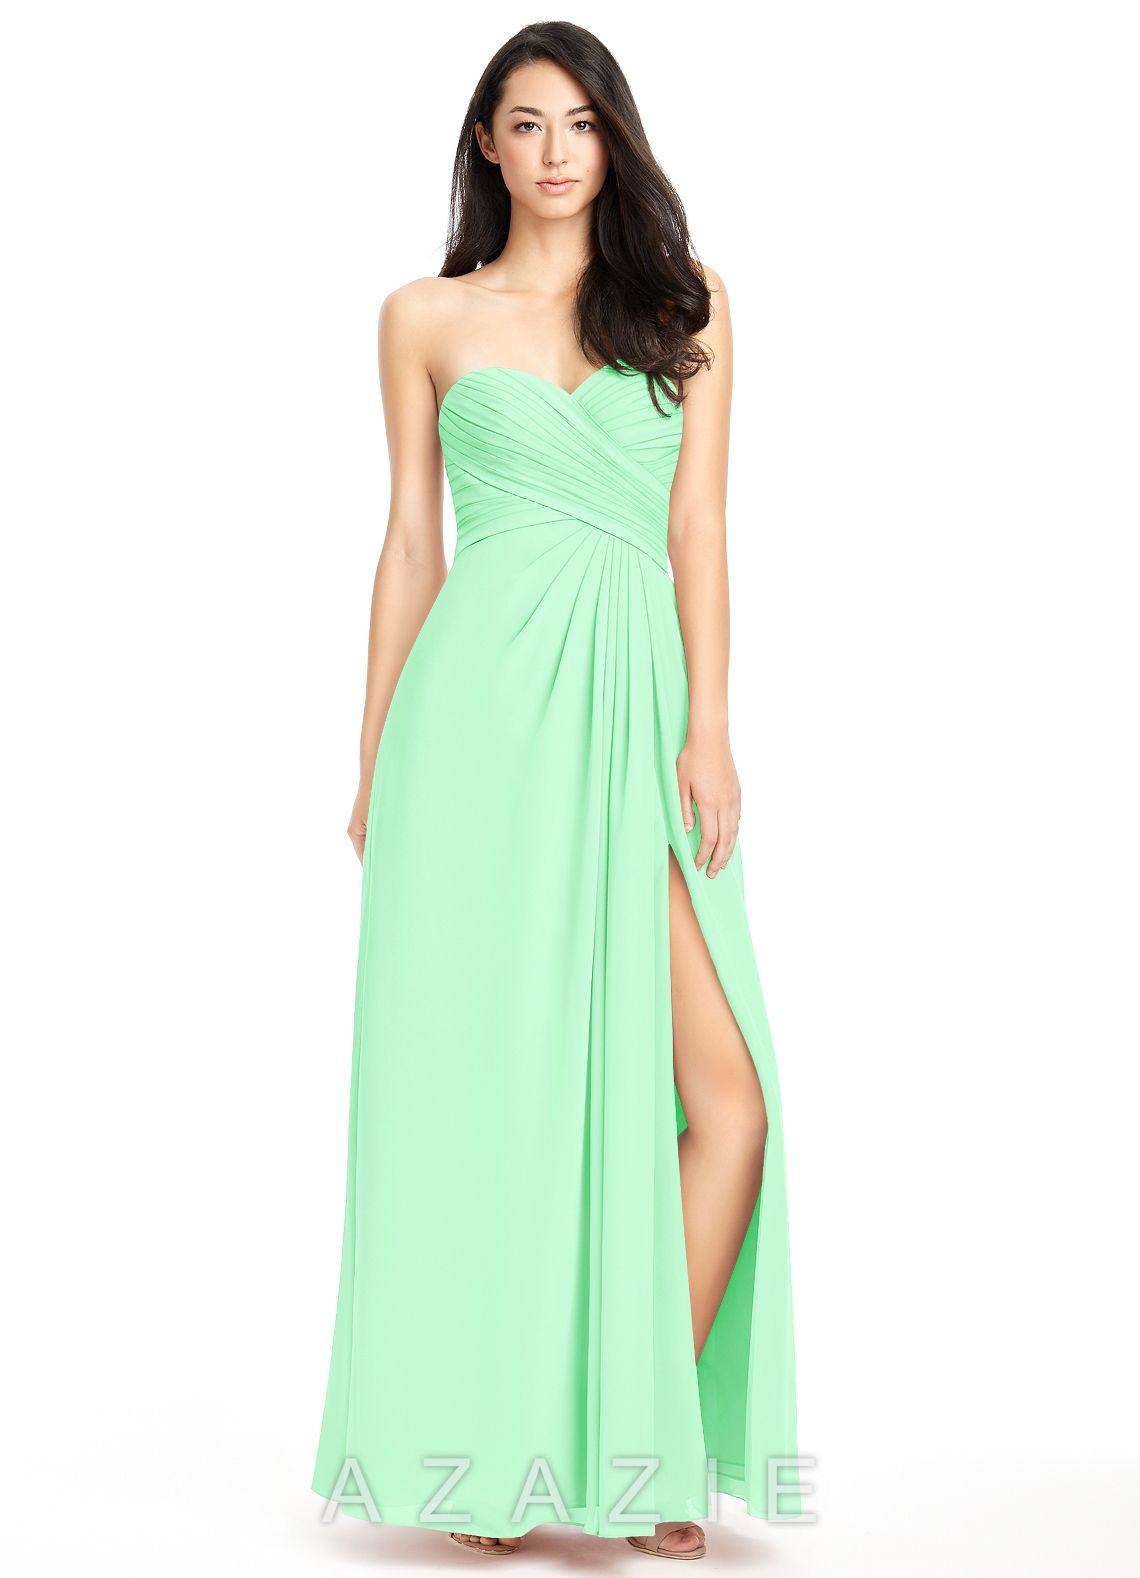 Arabella allure bridesmaid dress shop colors and the ojays arabella allure bridesmaid dress ombrellifo Images